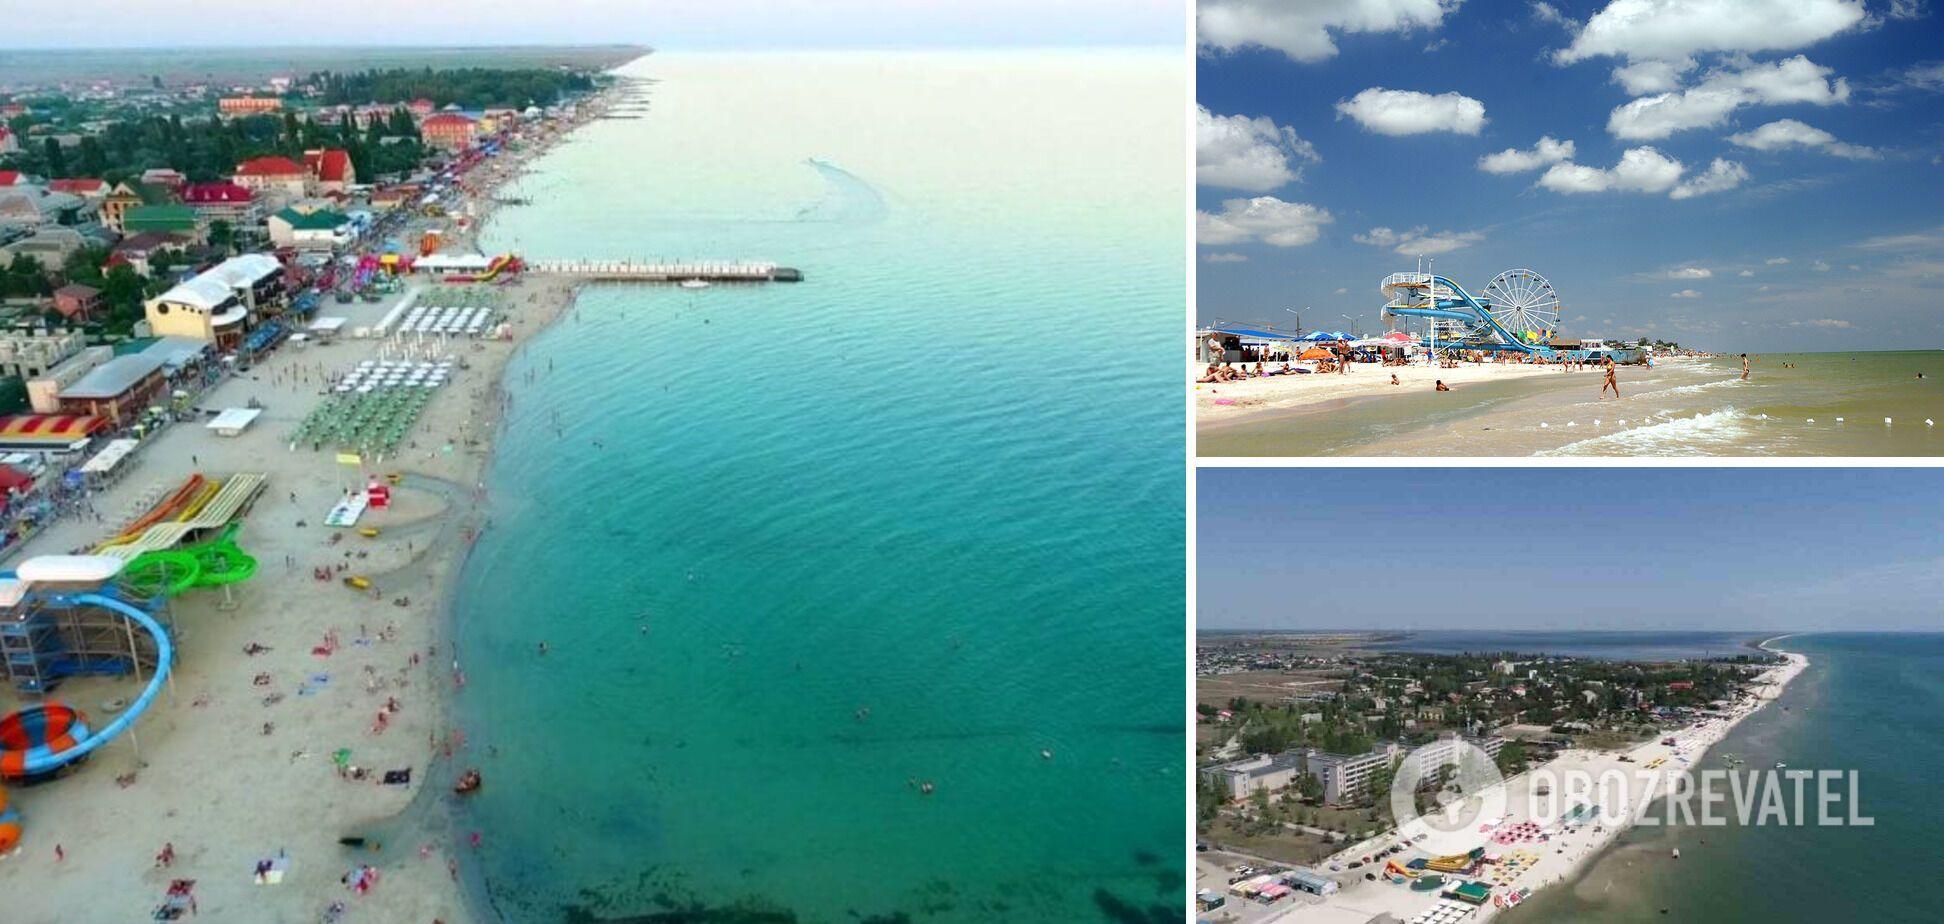 Залізний Порт, Кирилівка і Лазурне